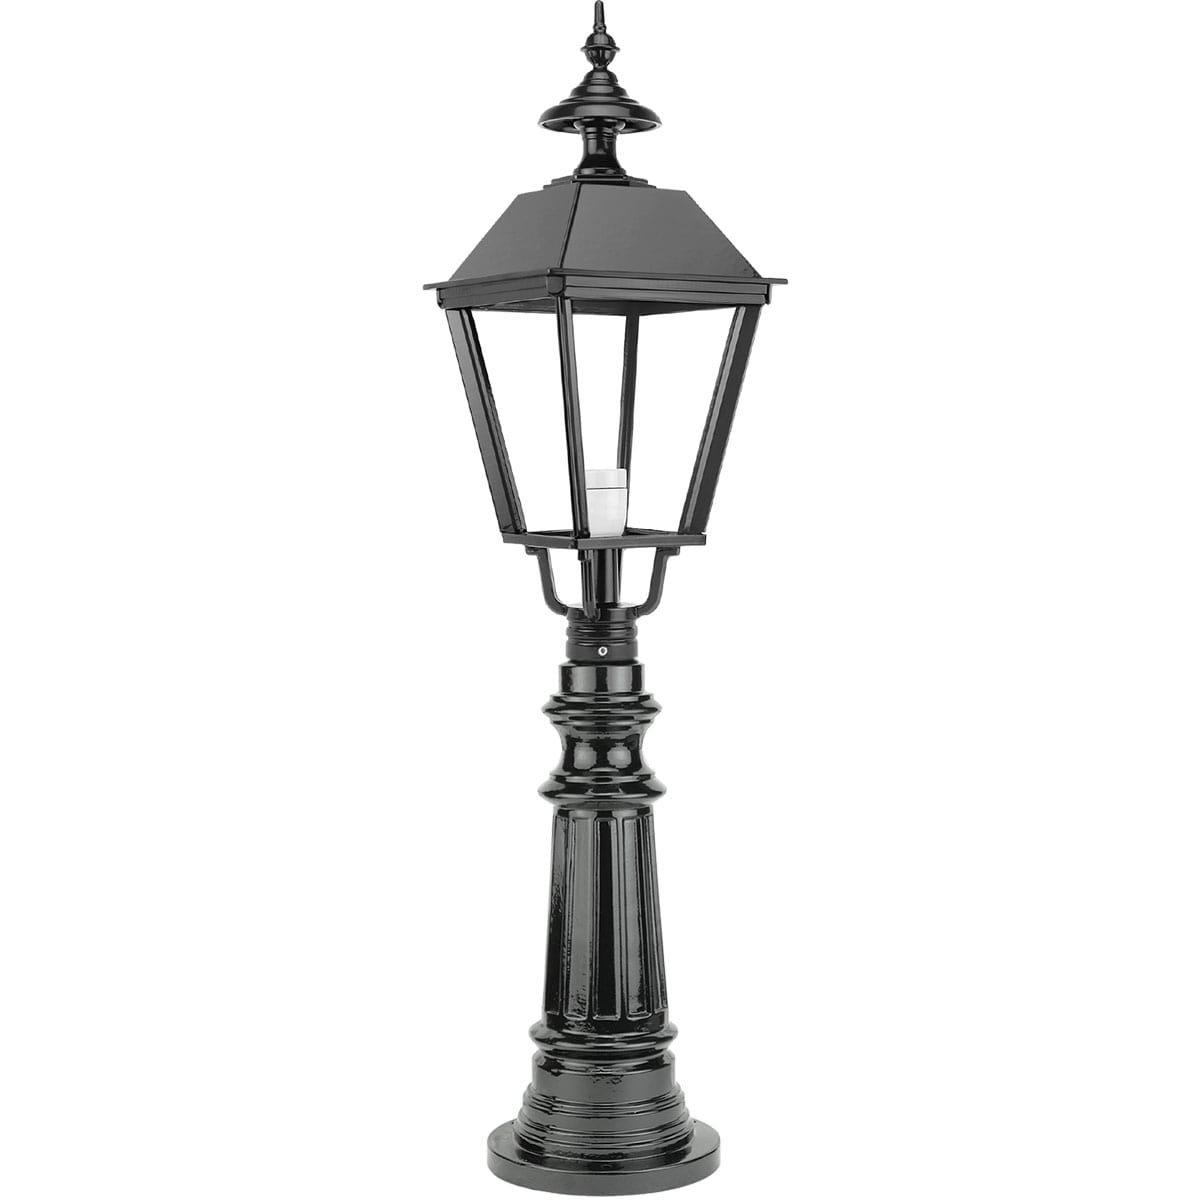 Buitenverlichting Klassiek Landelijk Tuinlantaarn Tubbergen - 97 cm